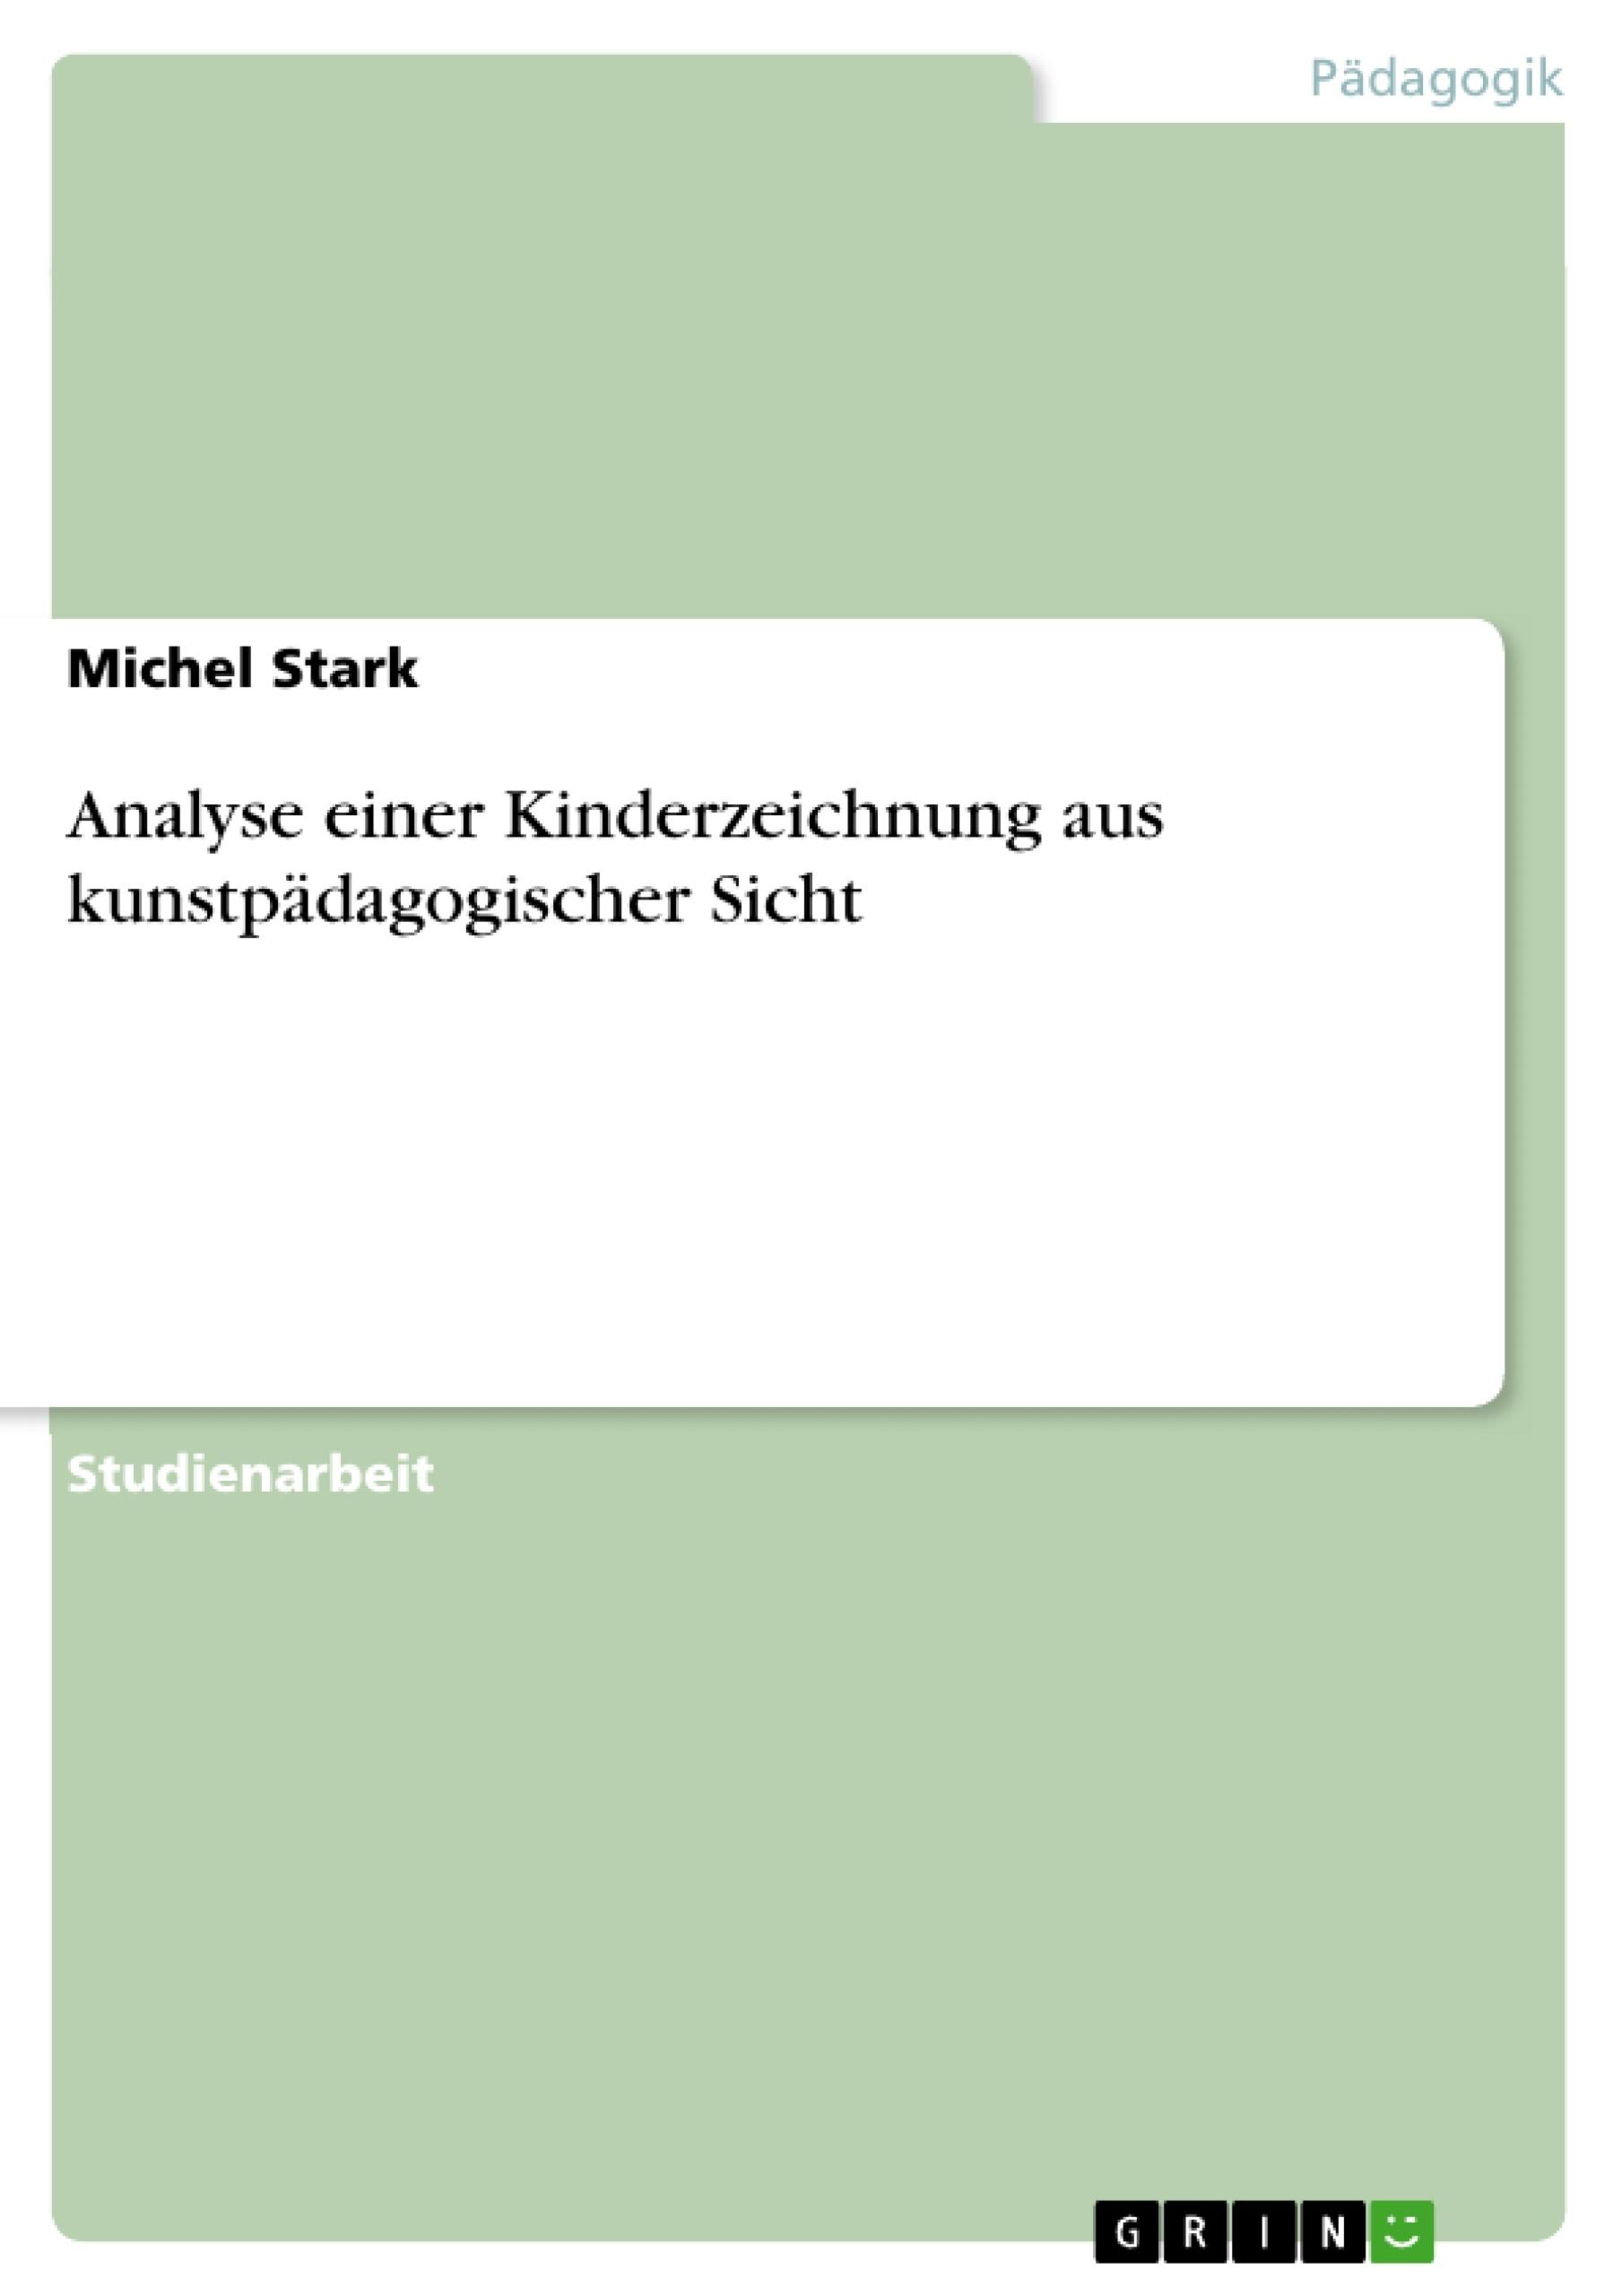 Titel: Analyse einer Kinderzeichnung aus kunstpädagogischer Sicht